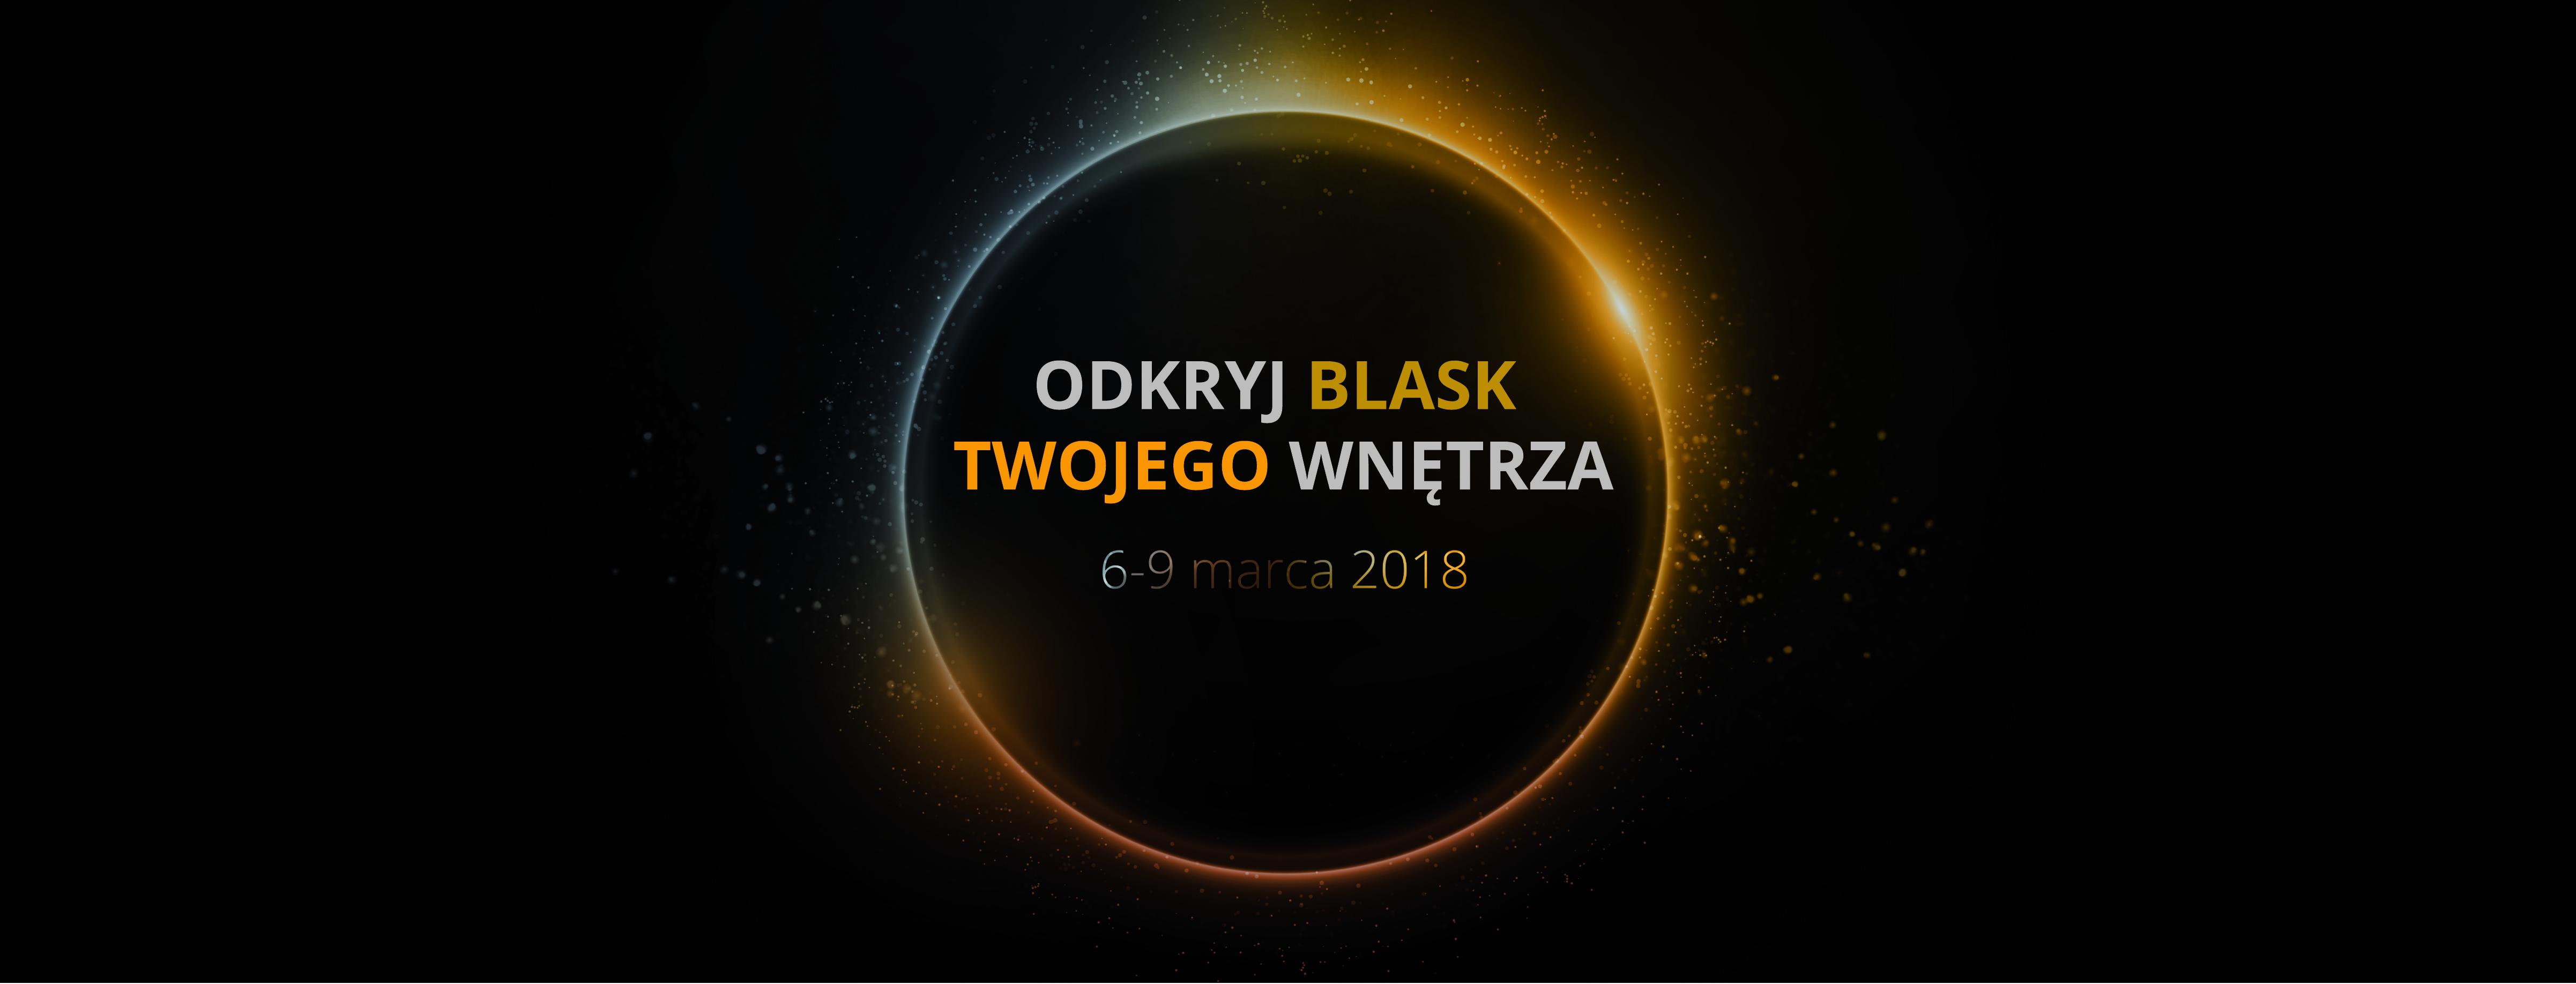 zapraszamy-targi-meble-polska-2018-poznaniu